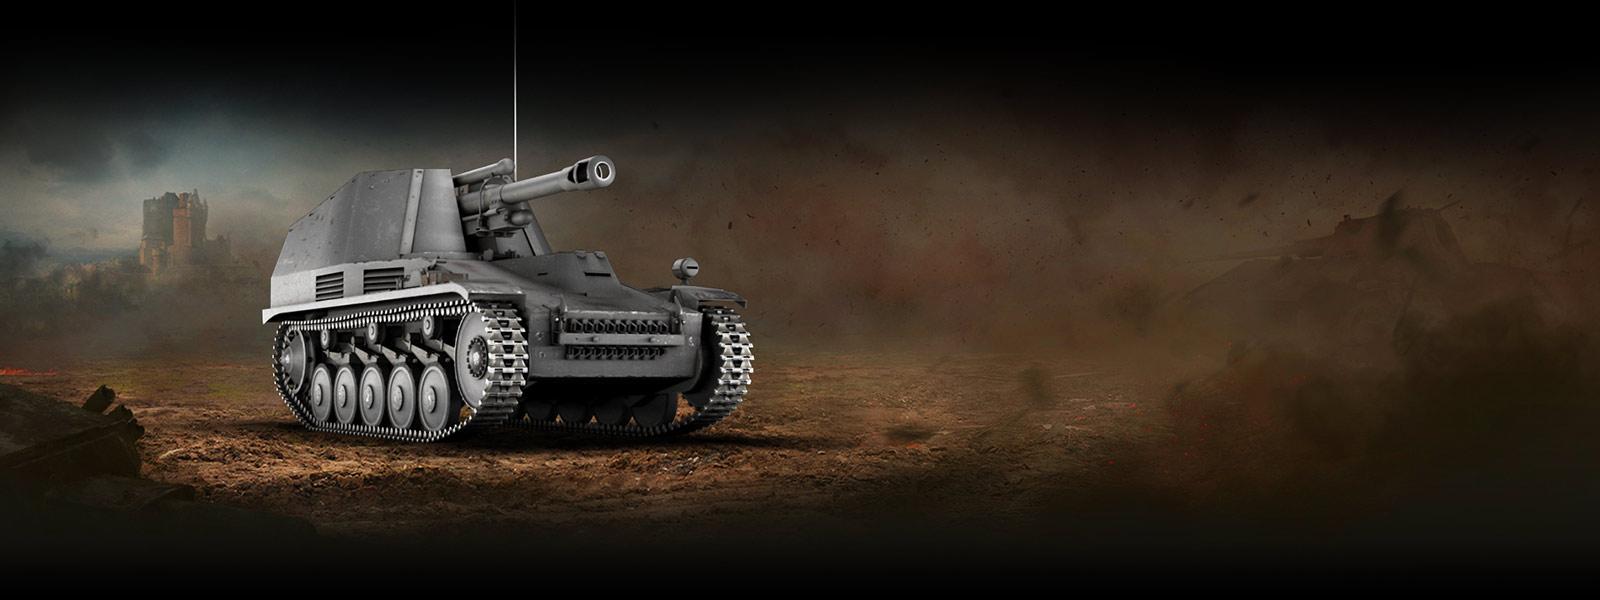 Tanque de artilharia